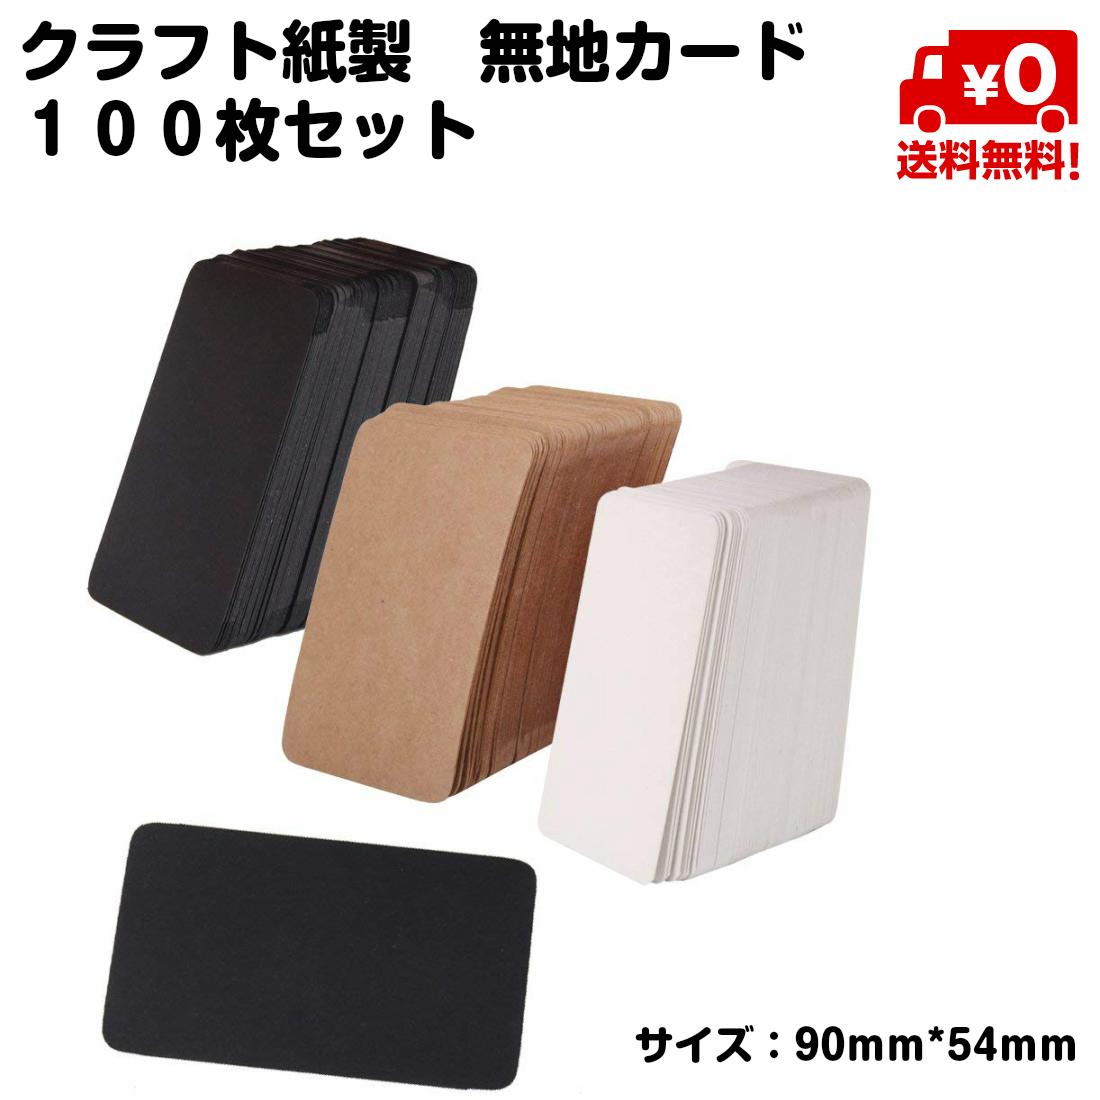 本物◆ おしゃれなメッセージカードに 100枚セット クラフト紙製 無地 即出荷 カード 送料無料 メッセージカード 荷札 タグ ラベル